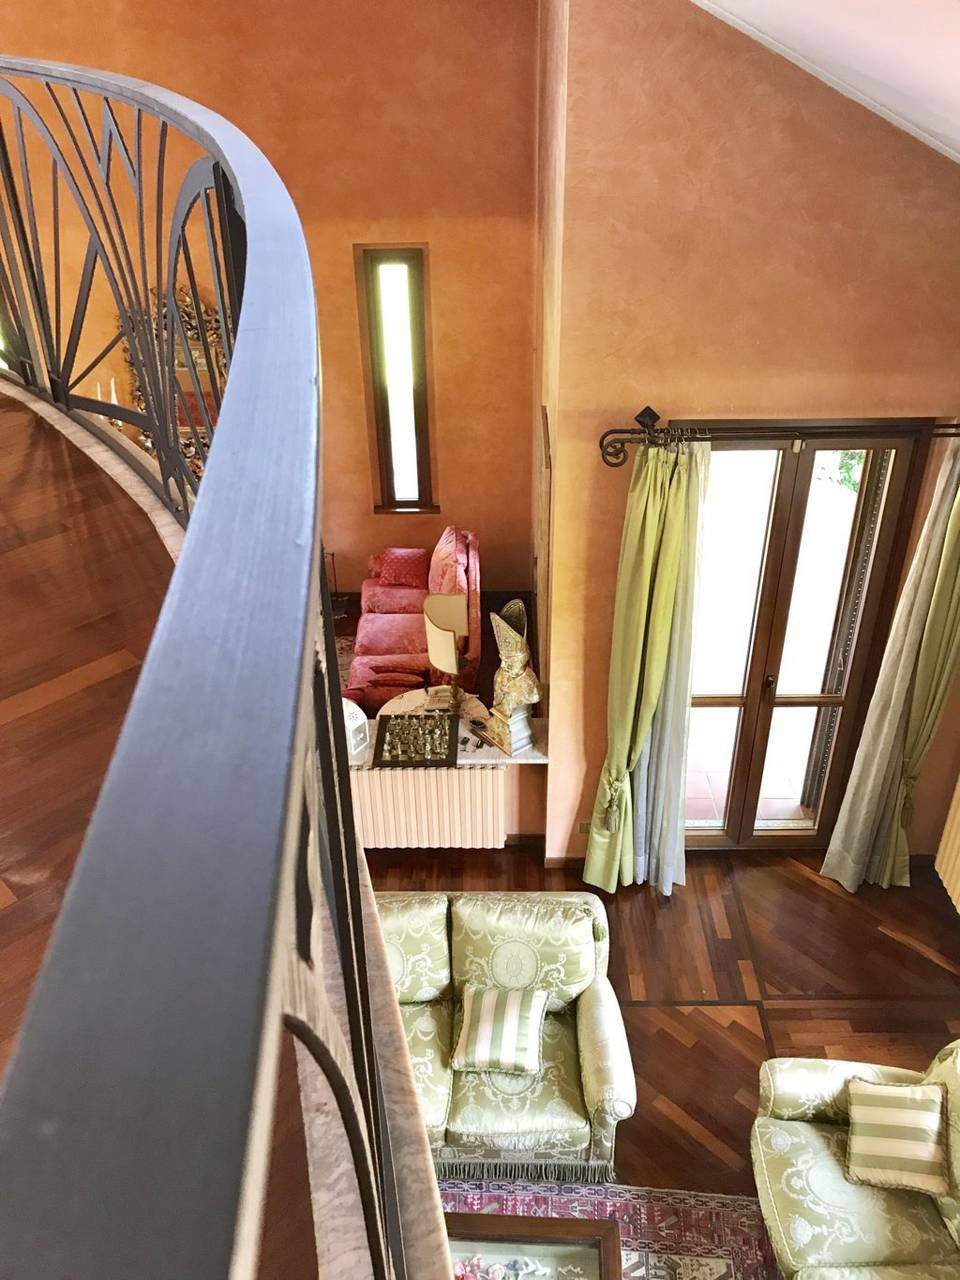 Villa-singola-signorile-in-vendita-a-Busnago-in-Brianza-19